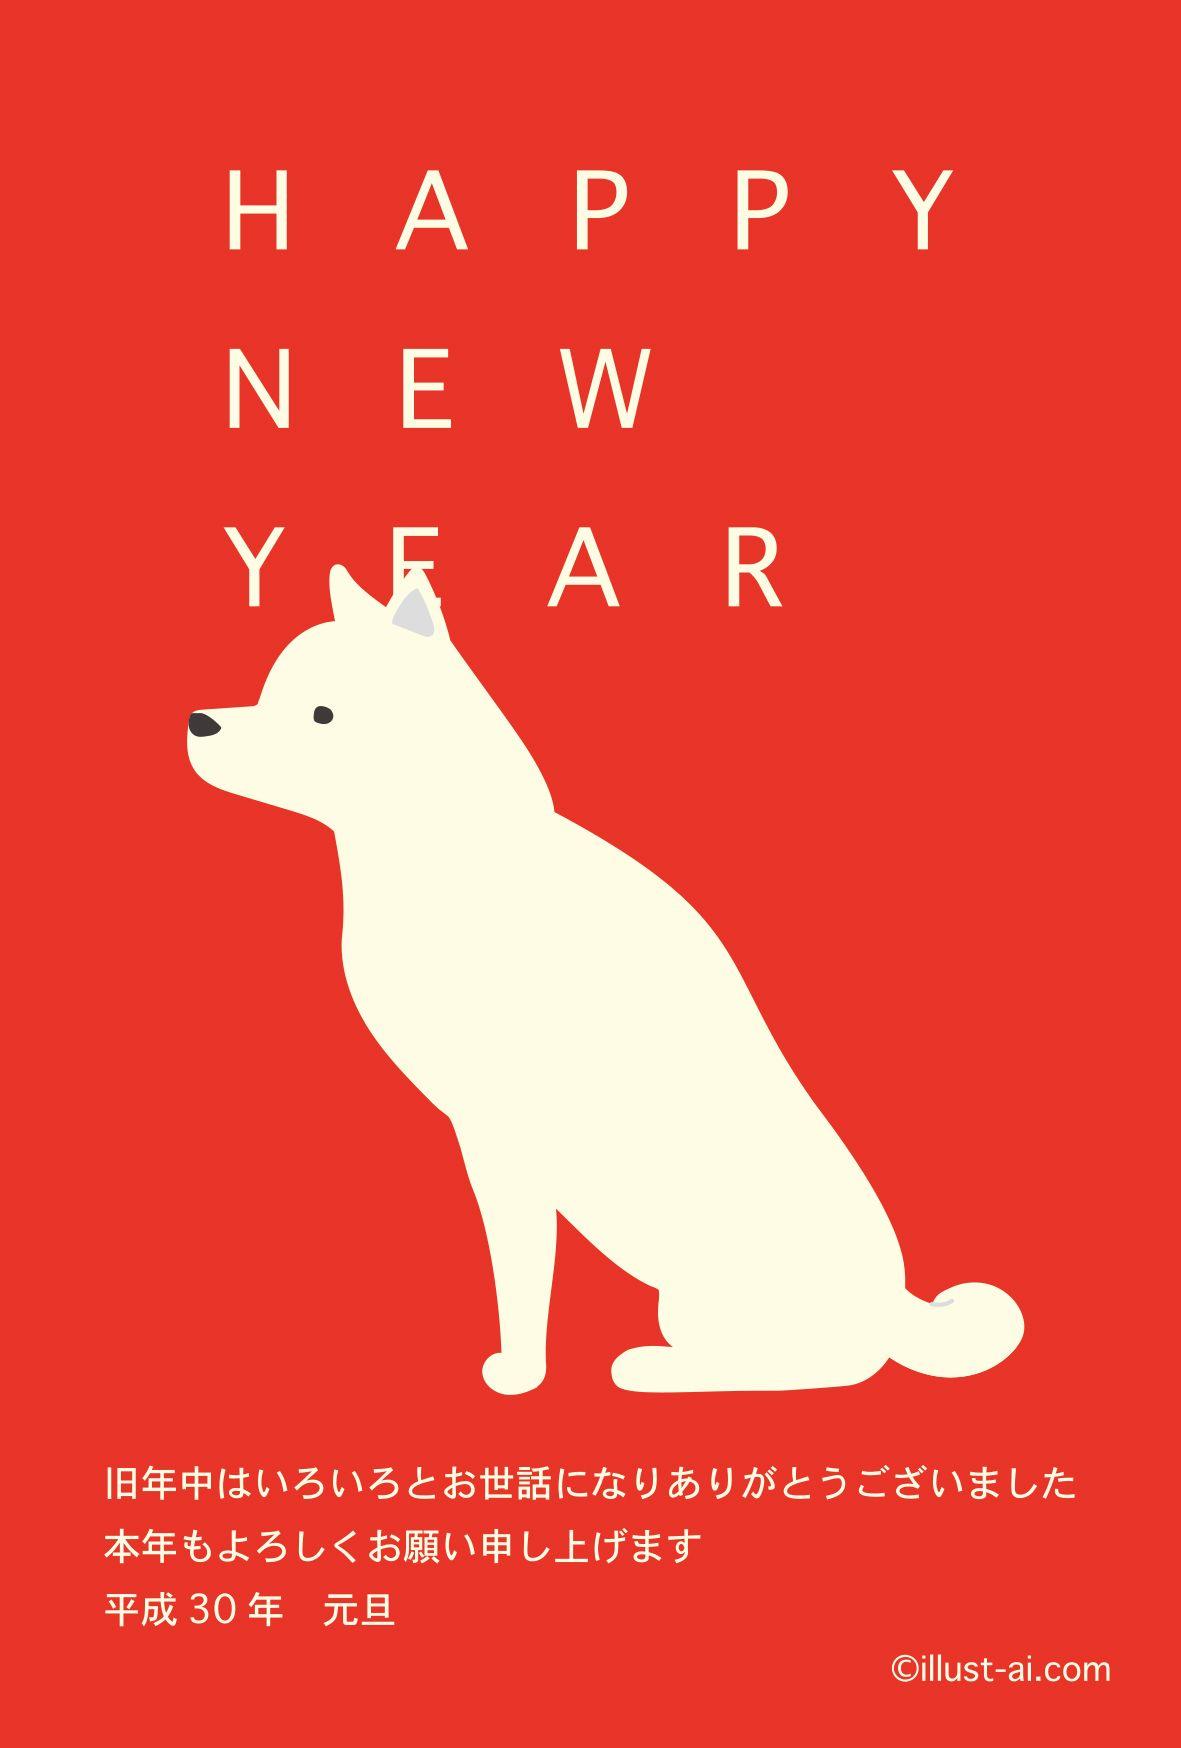 かわいい柴犬とシンプル背景 年賀状 2018 干支 無料 イラスト | 年賀状